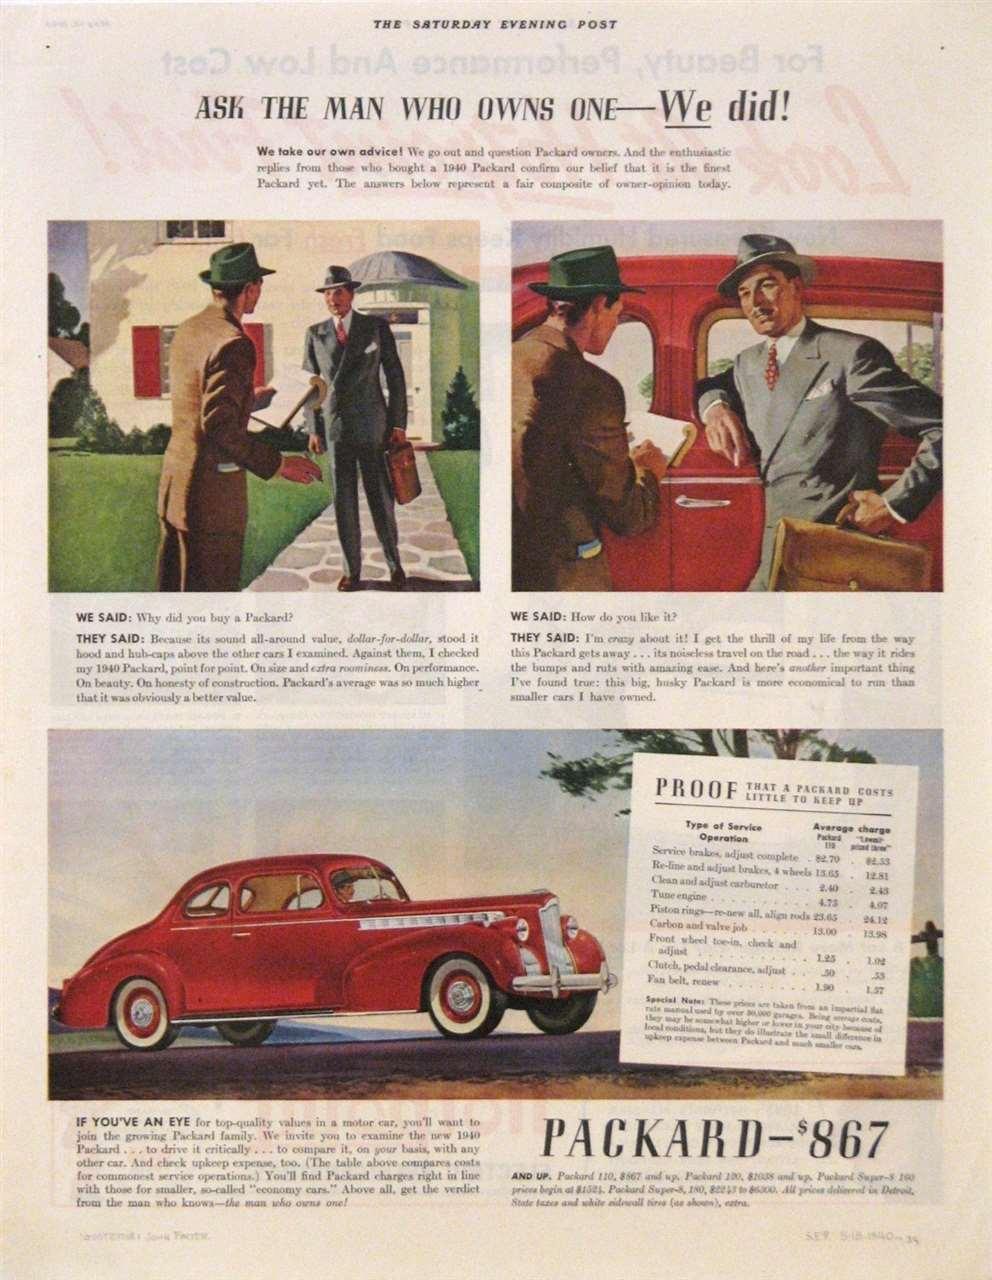 1940 PACKARD 110 SIX ADVERT